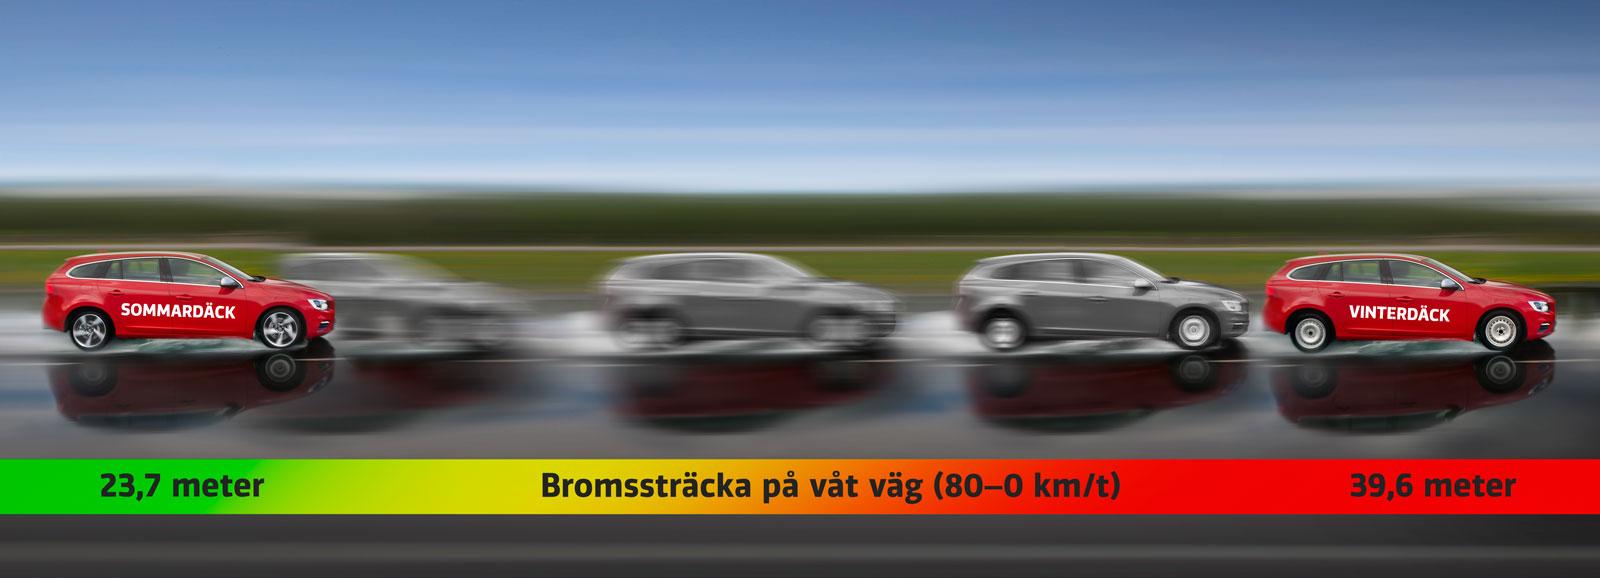 Så här stor är skillnaden i bromssträcka mellan vinterdäck och sommardäck på sommaren. Illustration: Niklas Carle